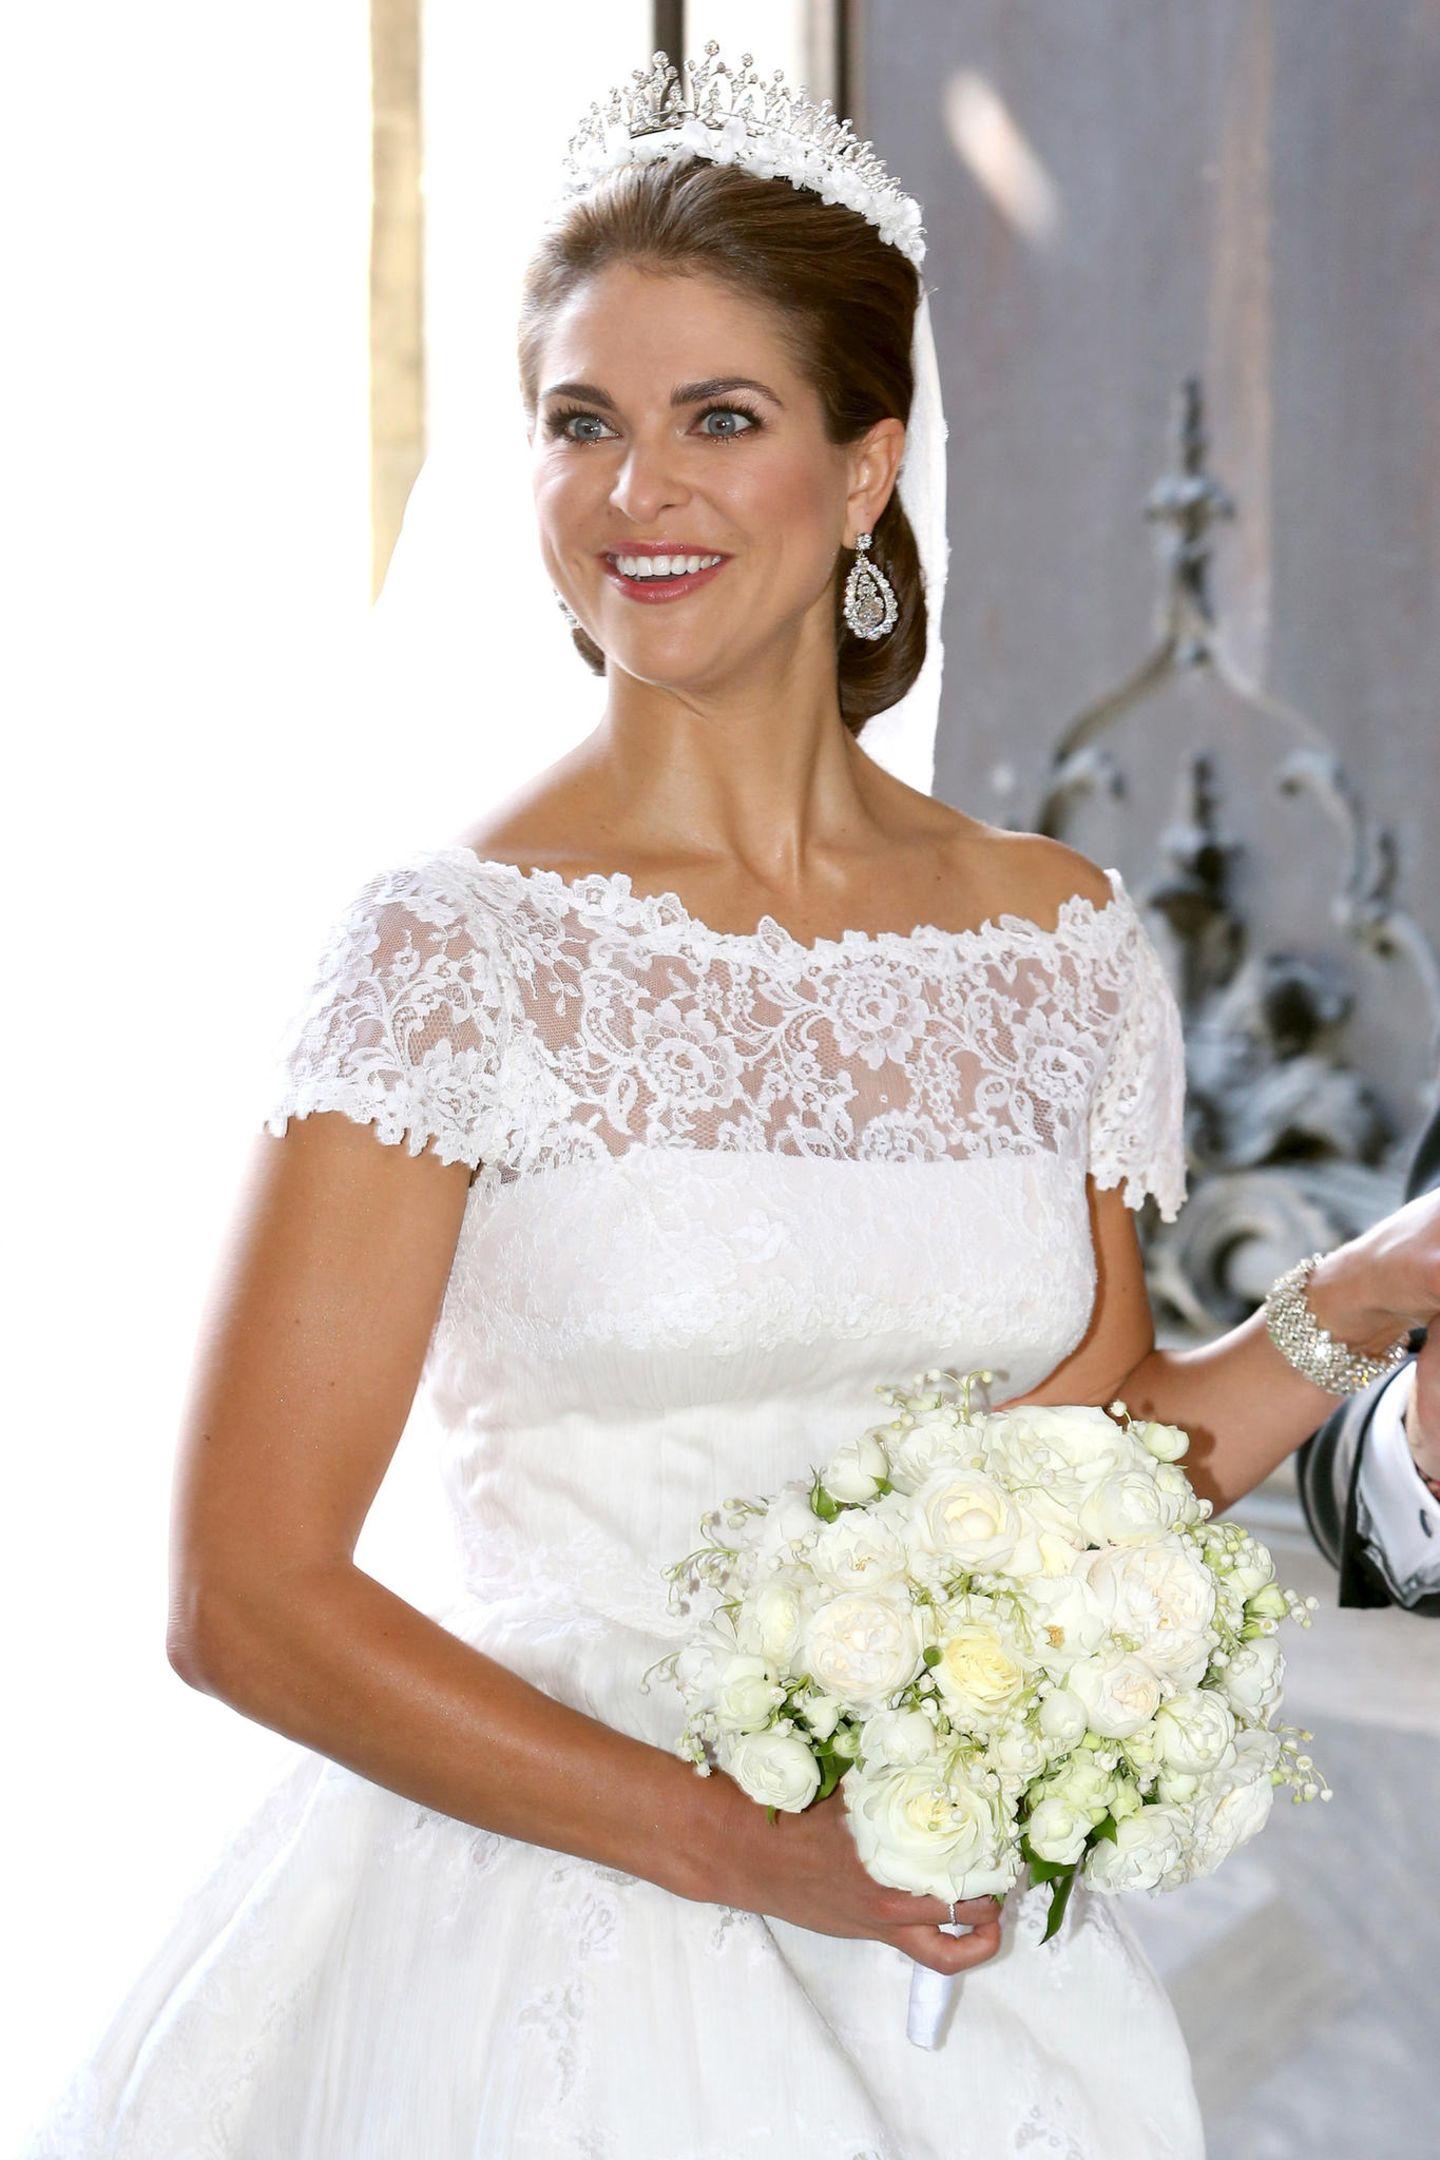 Ein Traum in Weiß: Das Designer-Brautkleid mit der vier Meter langen Schleppe wurde aus Seidenorganza und Chantilly-Spitze gefertigt. Der Brautstrauß war aus weißen Rosen gefertigt, und mitMaiglöckchen und Myrte verziert, übrigens aus einem Busch, den Prinzessin Margareta nach ihrer Hochzeit mitGustaf VI. Adolf 1905 nach Schweden mitbrachte.